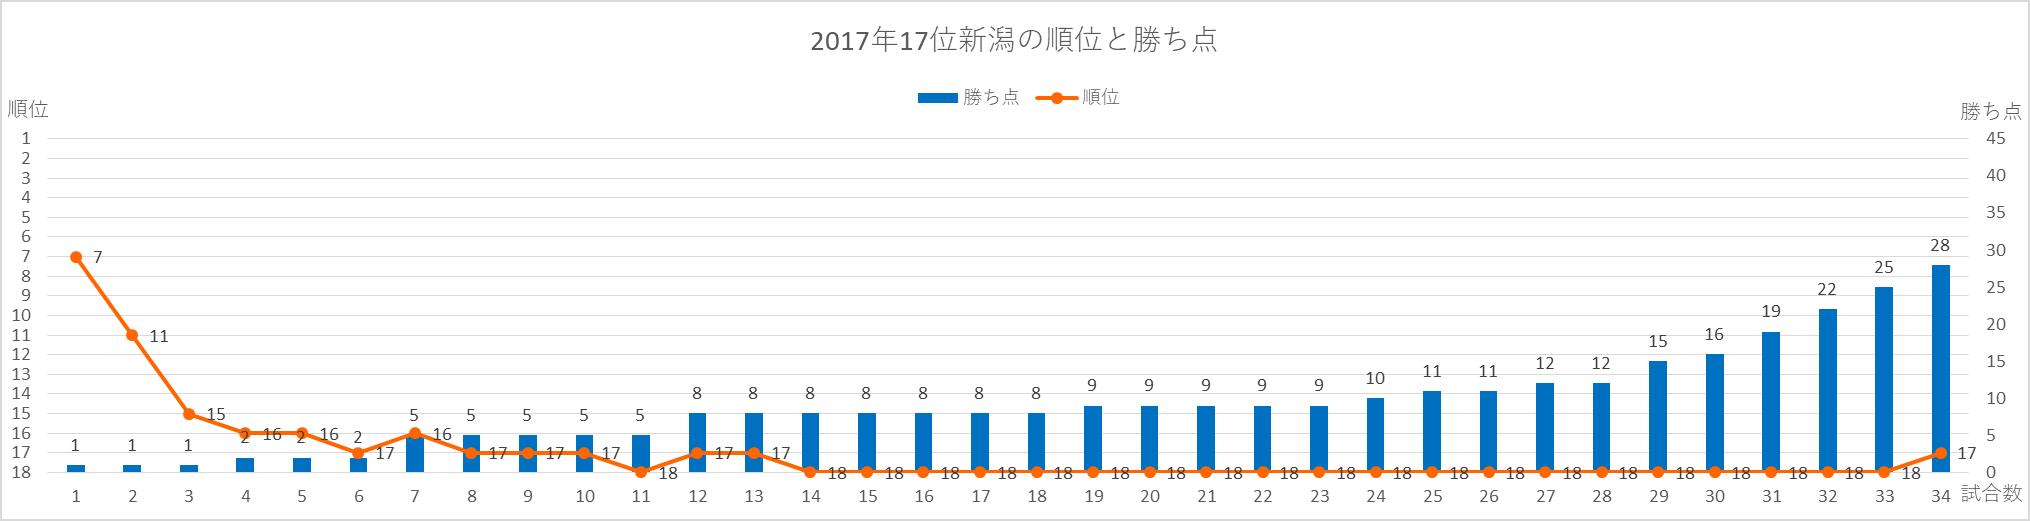 2017年新潟の順位と勝ち点の推移